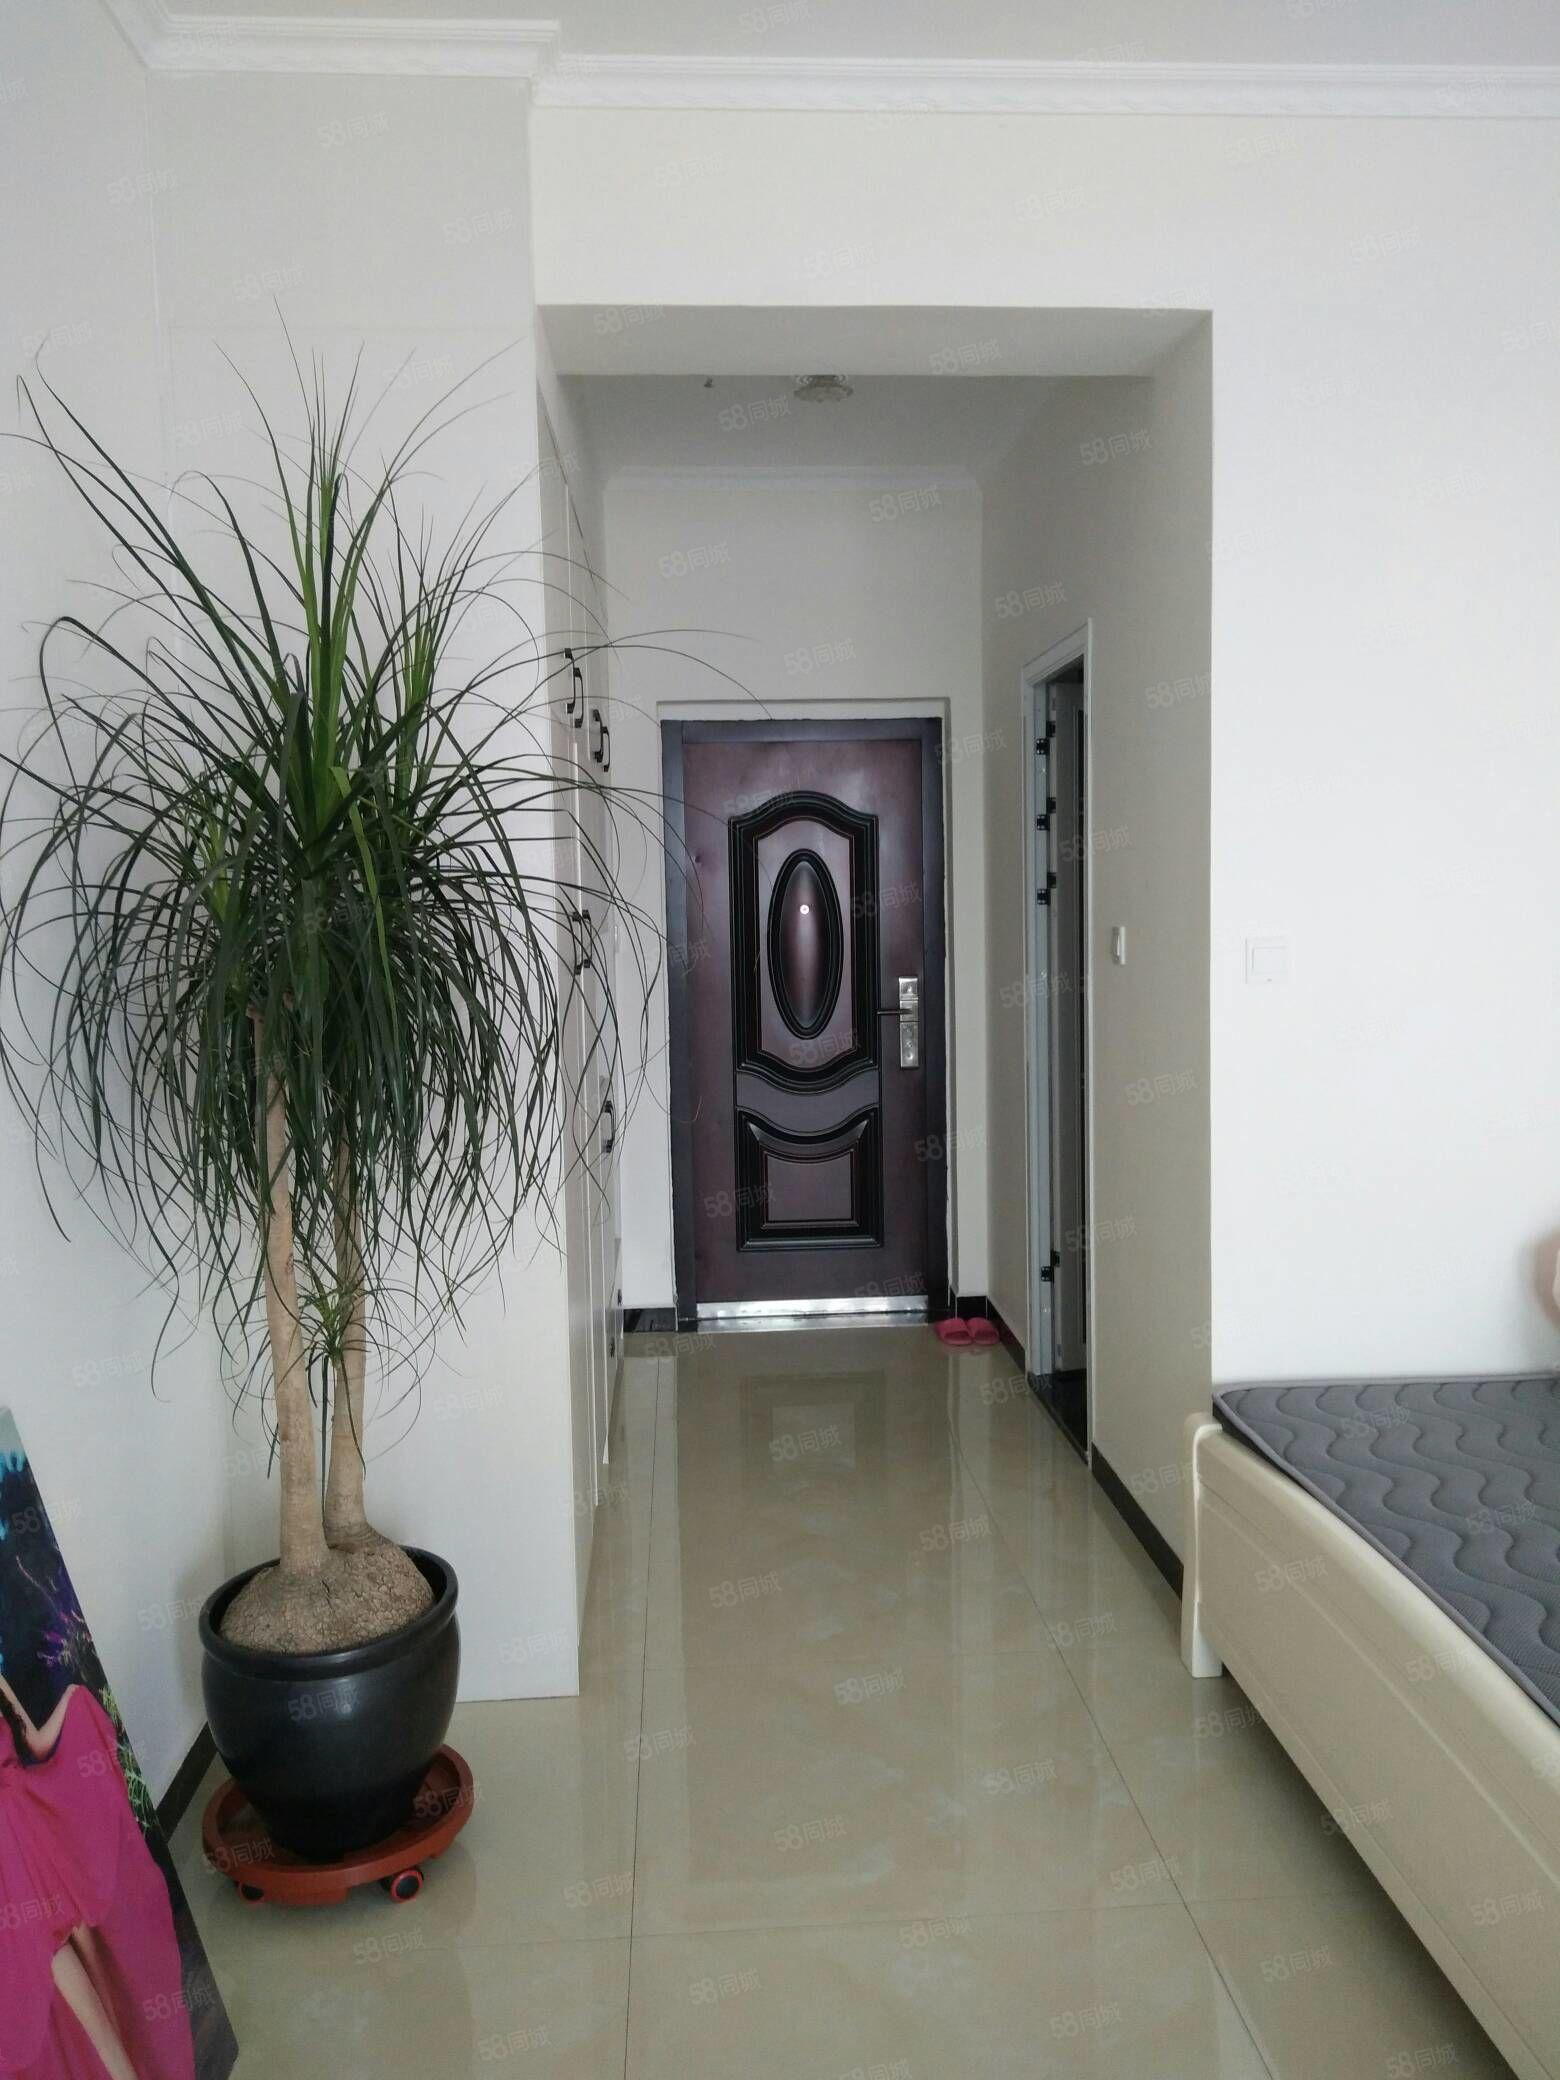 翔宇花园附近新装修公寓户型超好采光充足位置好包合同